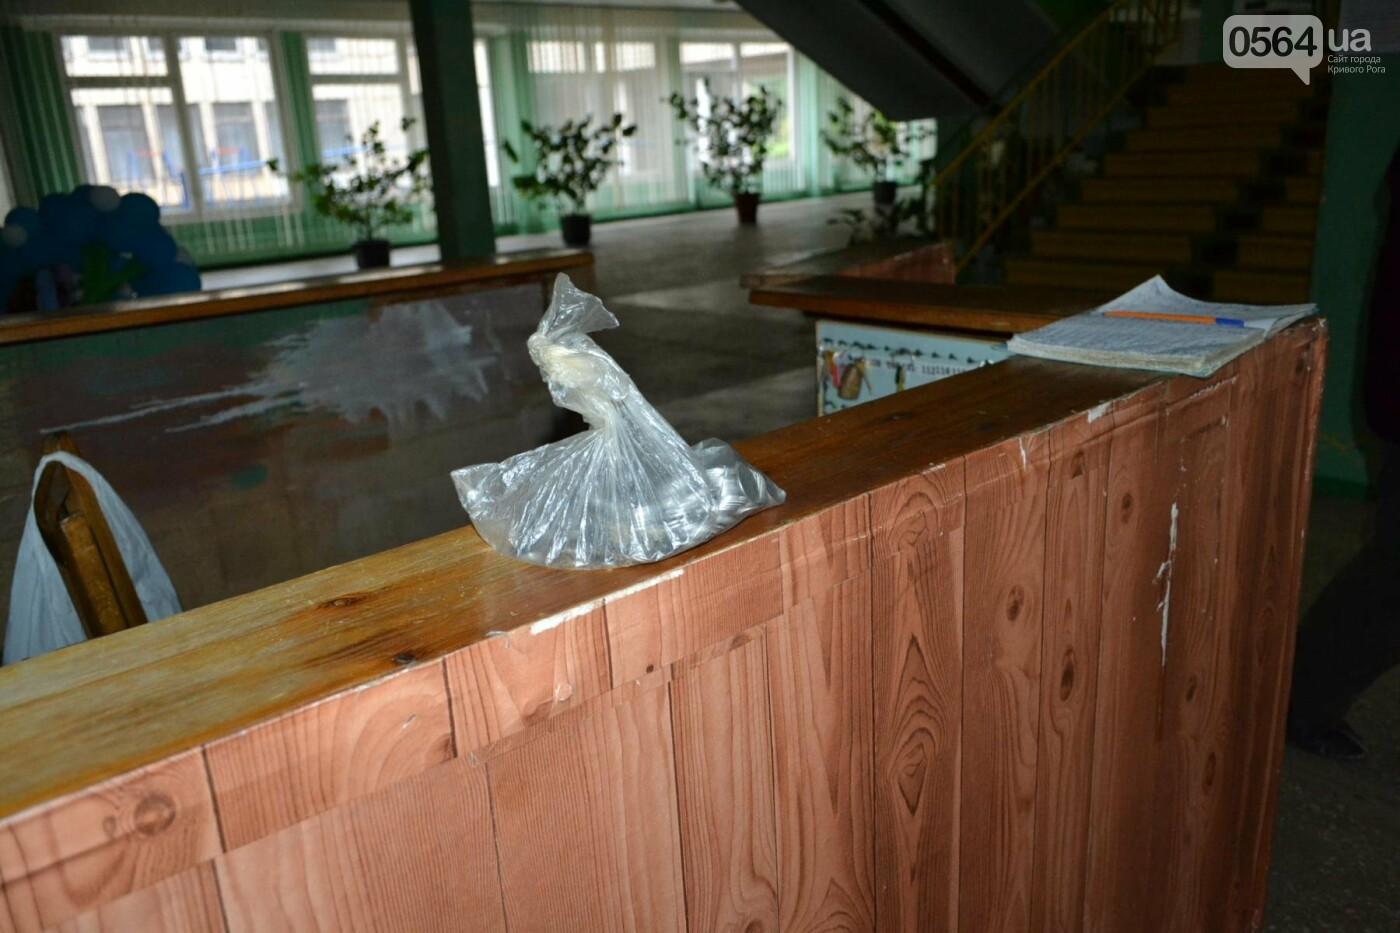 В школе Кривого Рога ремонтируют пол 5-копеечными монетами, - ФОТО, фото-17